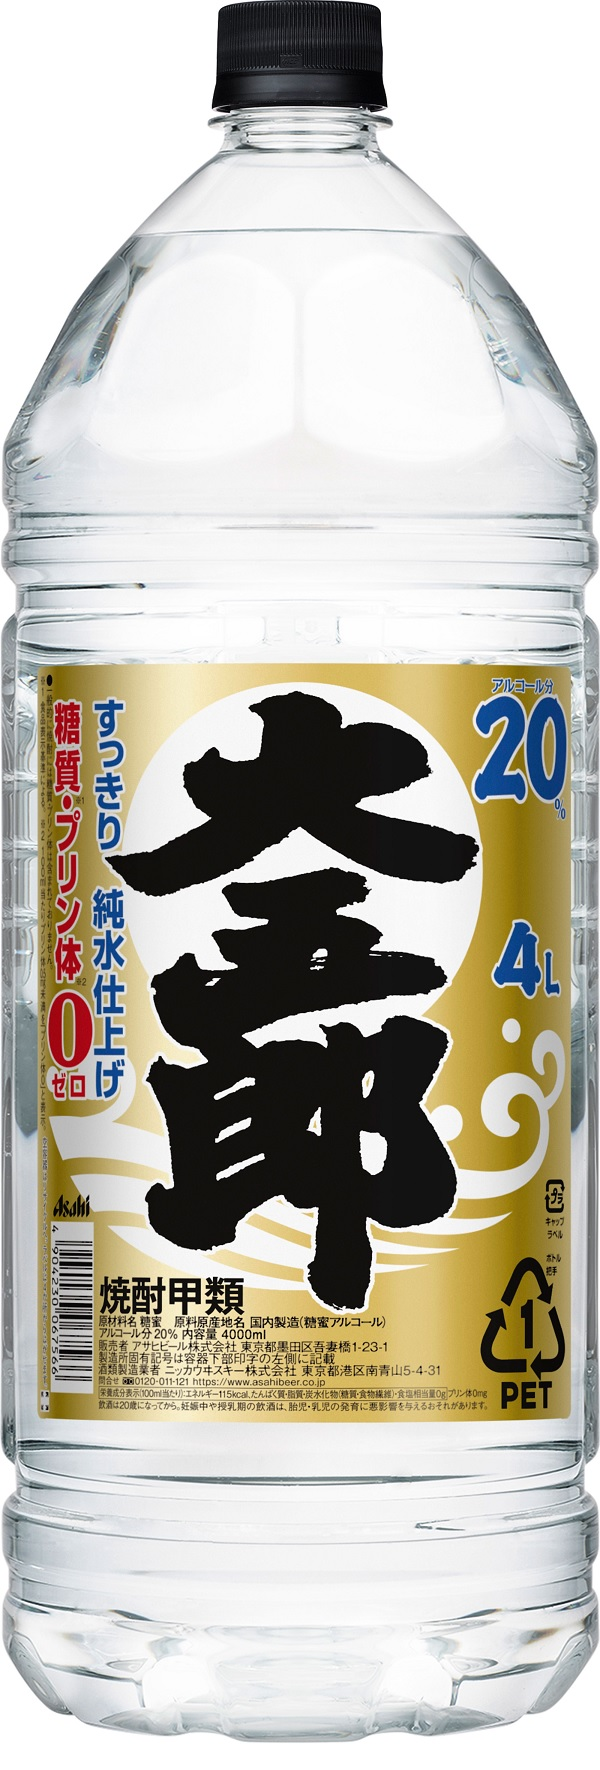 メーカー在庫限り品 本州 一部地域を除く は送料無料 北海道 東北 四国 九州 沖縄県は別途送料 送料無料 在庫処分 沖縄県 大五郎 20度 九州地方は必ず送料がかかります 甲類焼酎 アサヒ 1ケース 4000ml 4L×4本